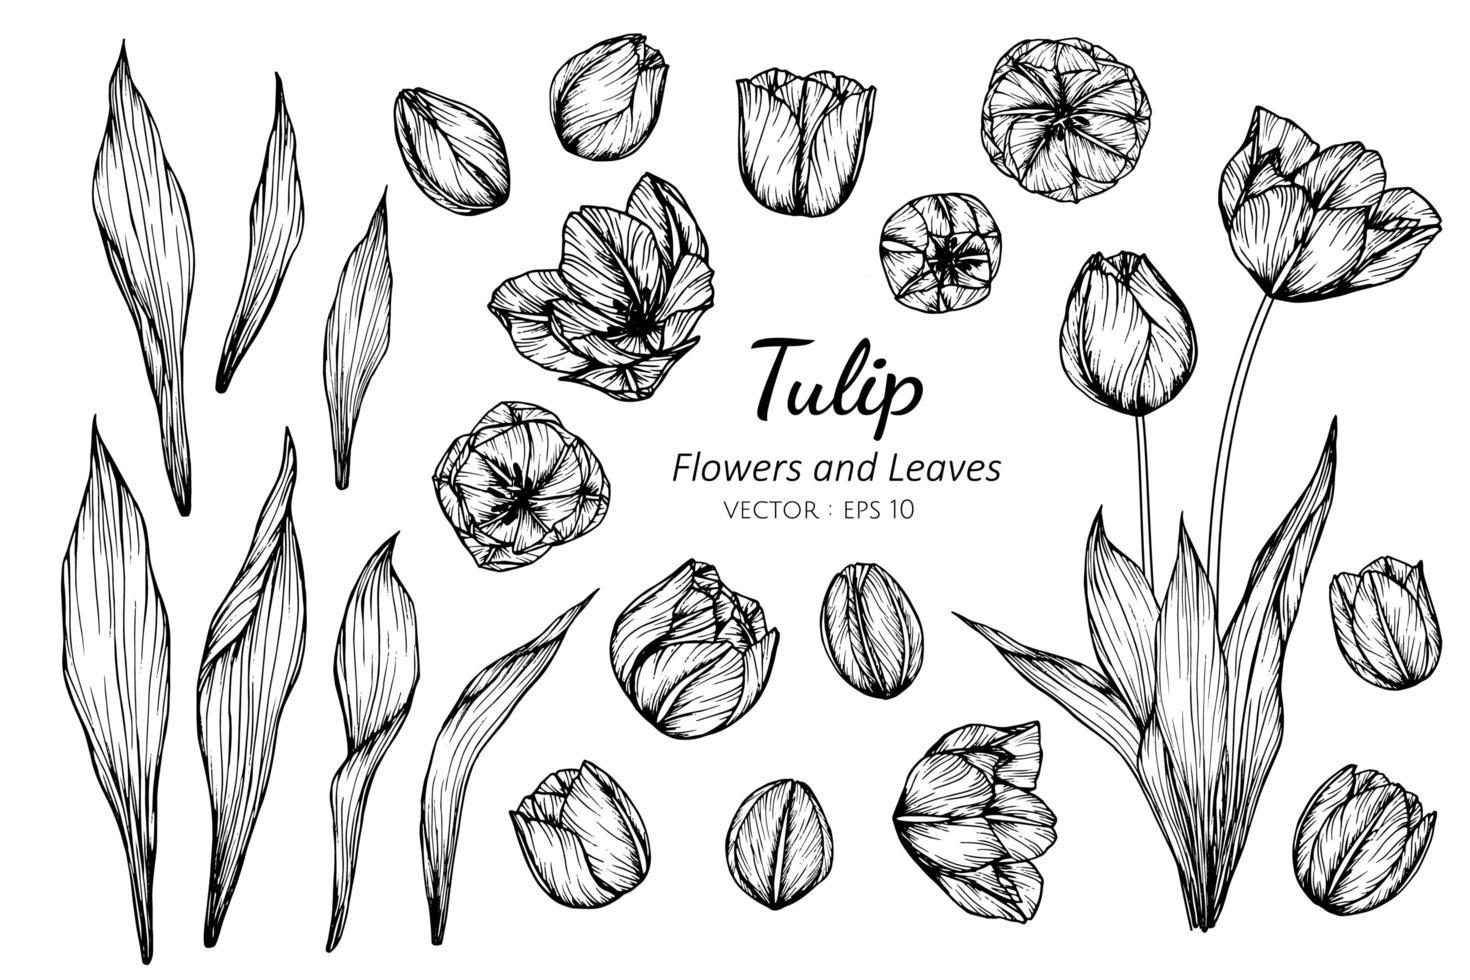 verzameling tulpenbloemen en bladeren vector